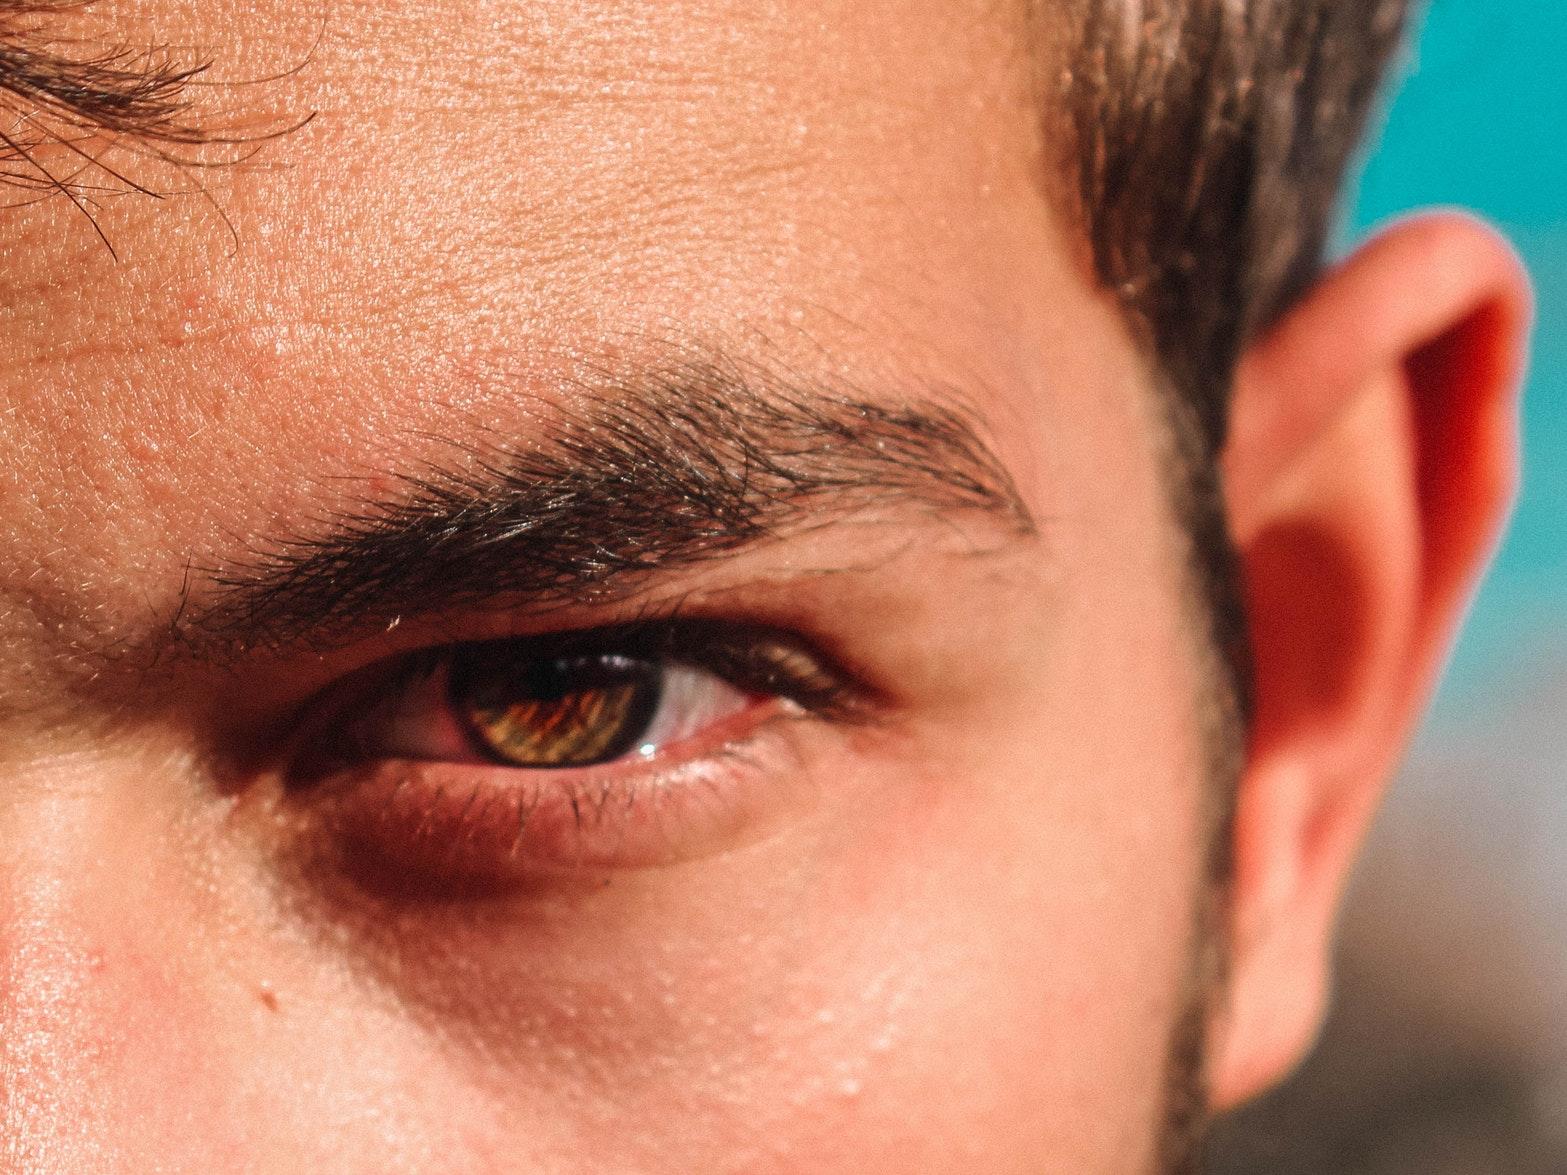 男の眉毛を整える手入れ道具アイブローセット